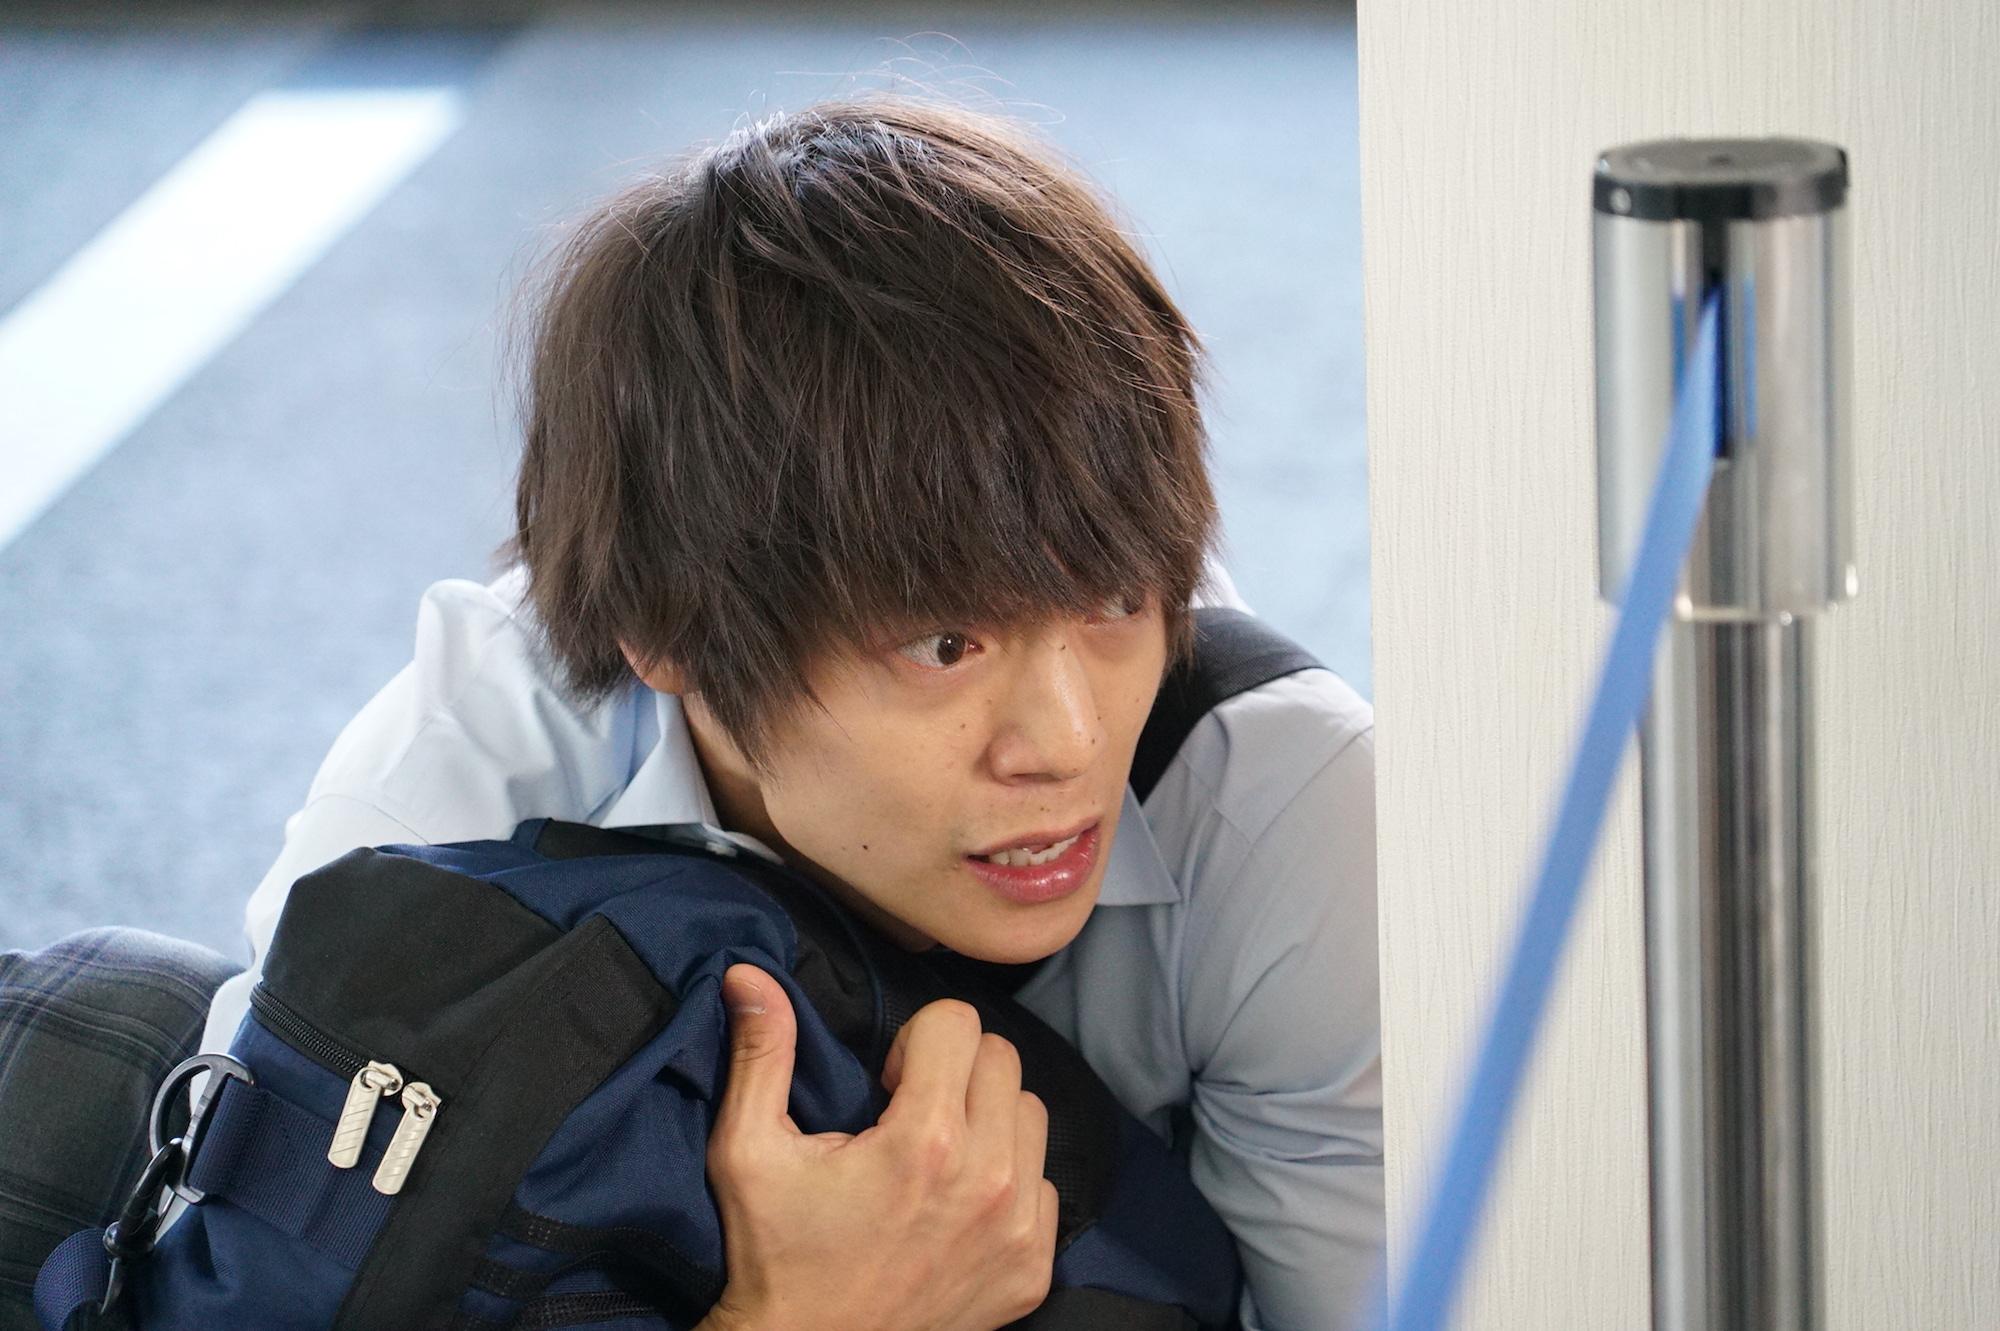 「ギリギリまで攻めてる」窪田正孝主演「僕たちがやりました」爆破事件は第三者も関与?